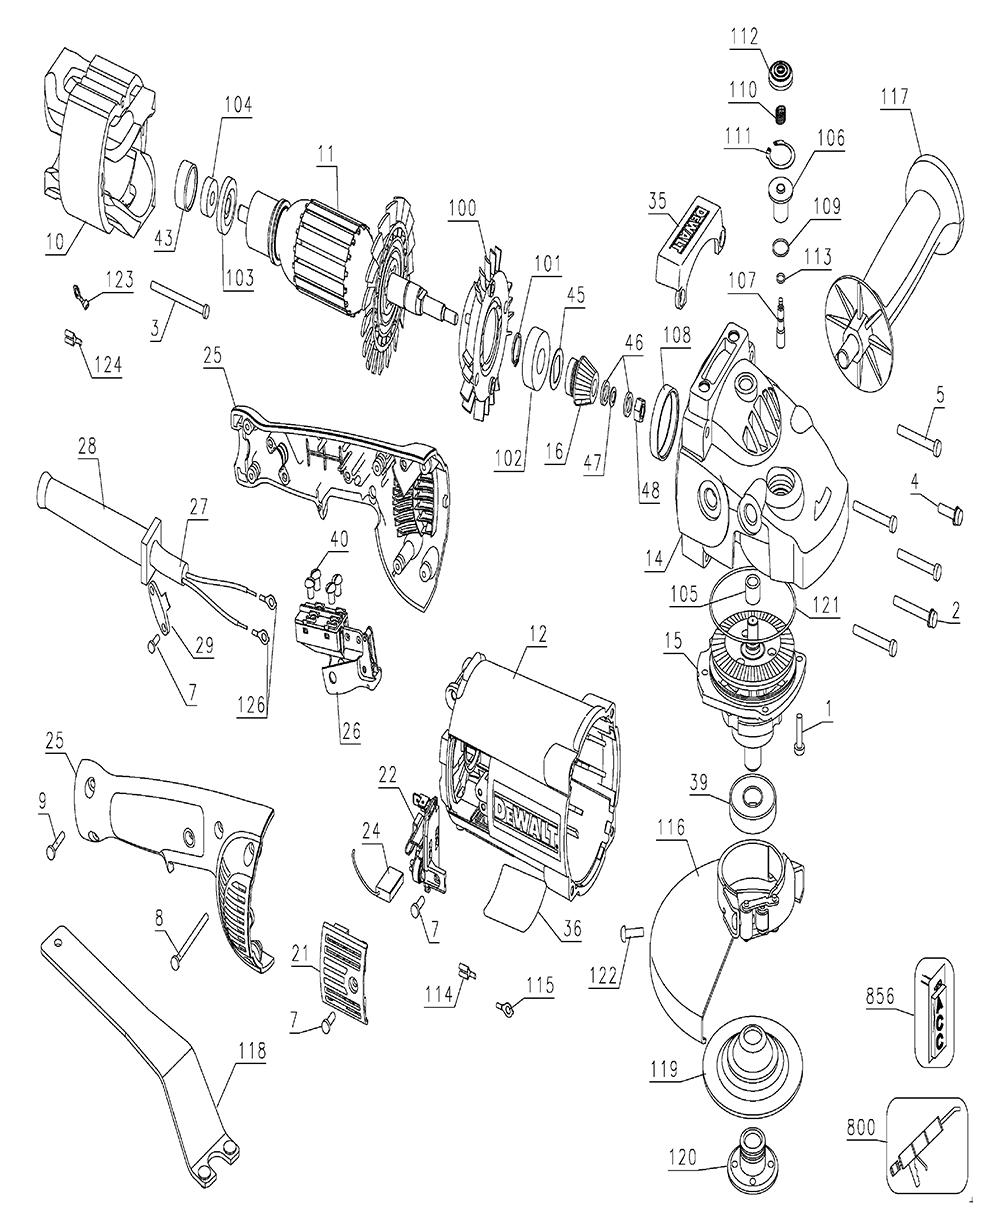 hp 6500 parts diagram